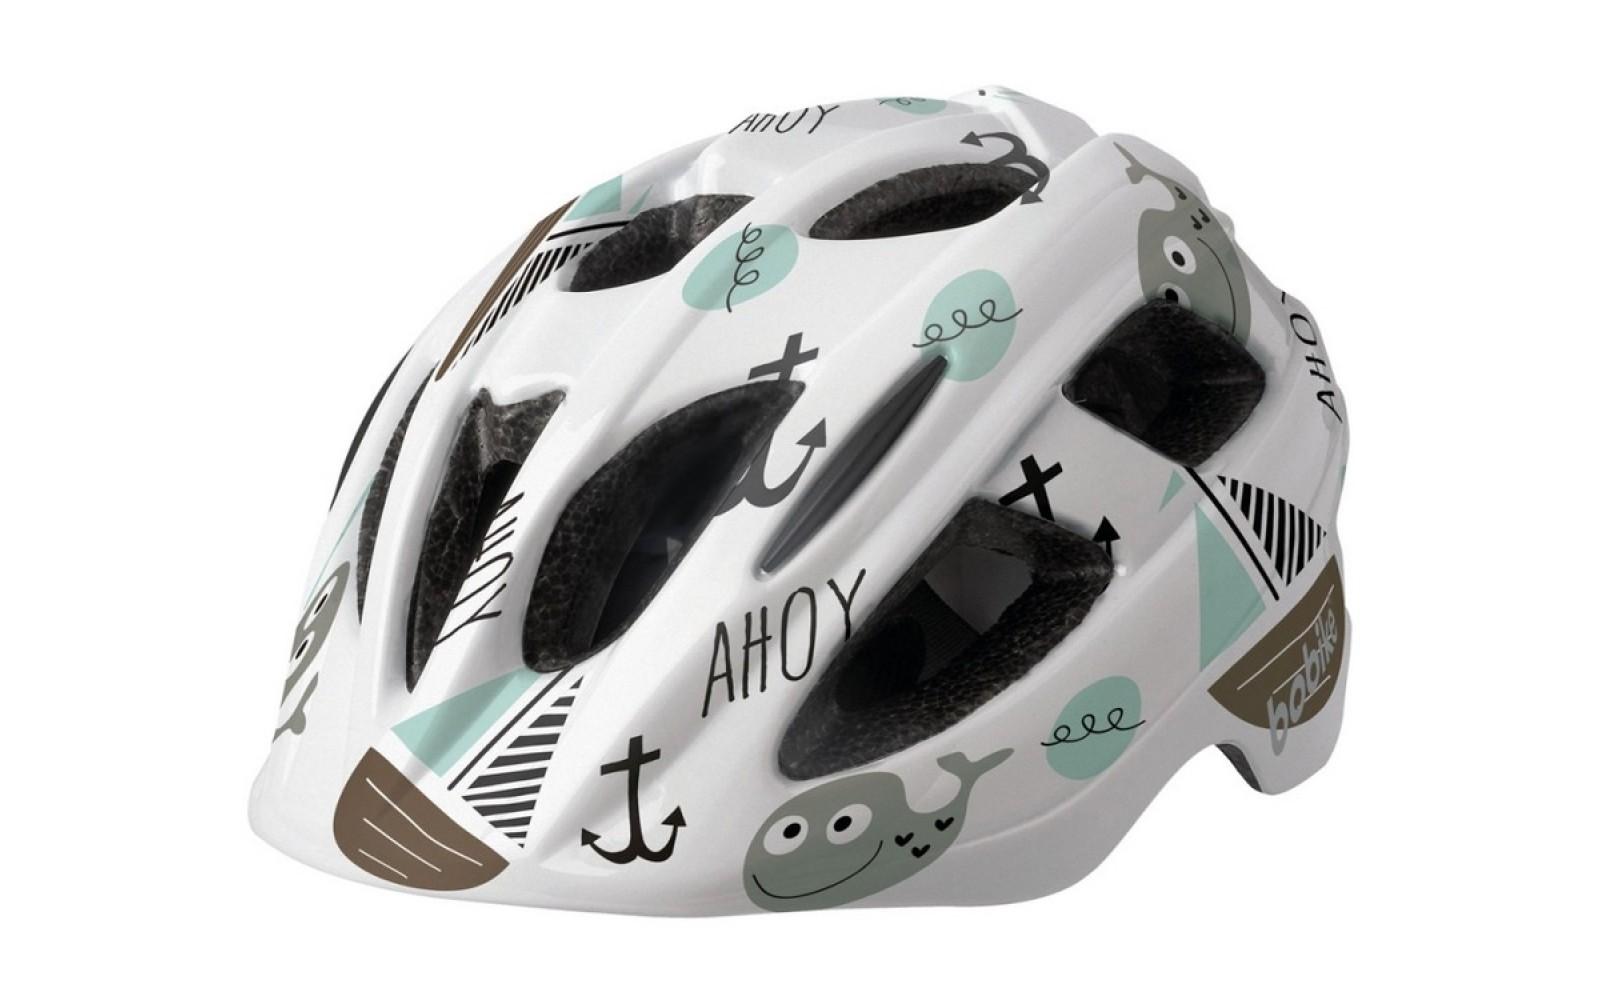 Bobike Helmet Ahoy XS